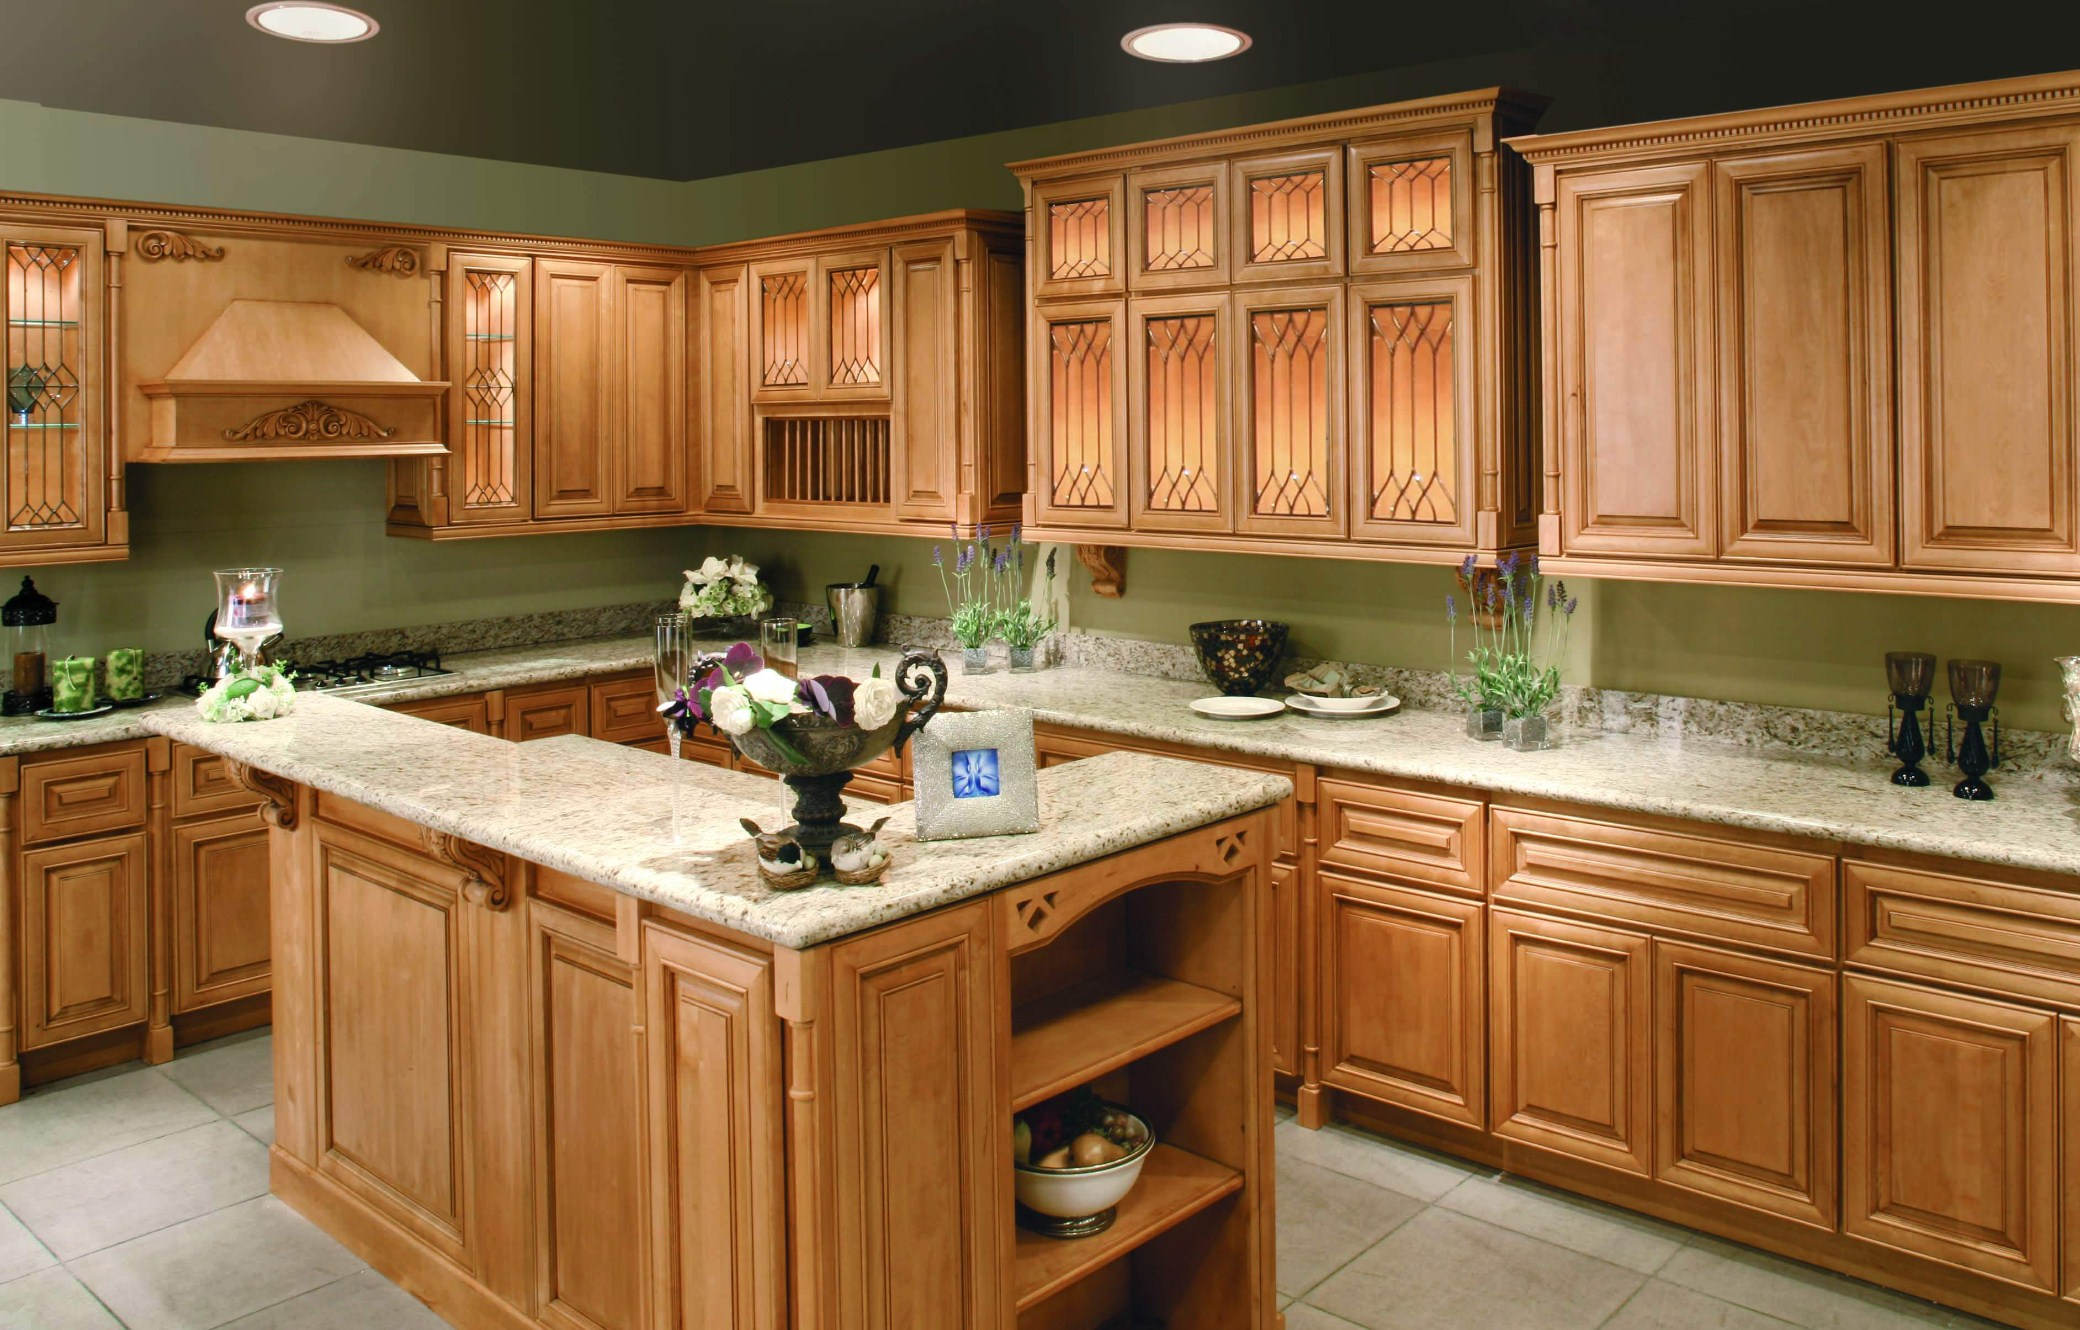 Đóng Tủ Bếp | 15 Mẫu Tủ Bếp Gỗ Không Nên Bỏ Qua